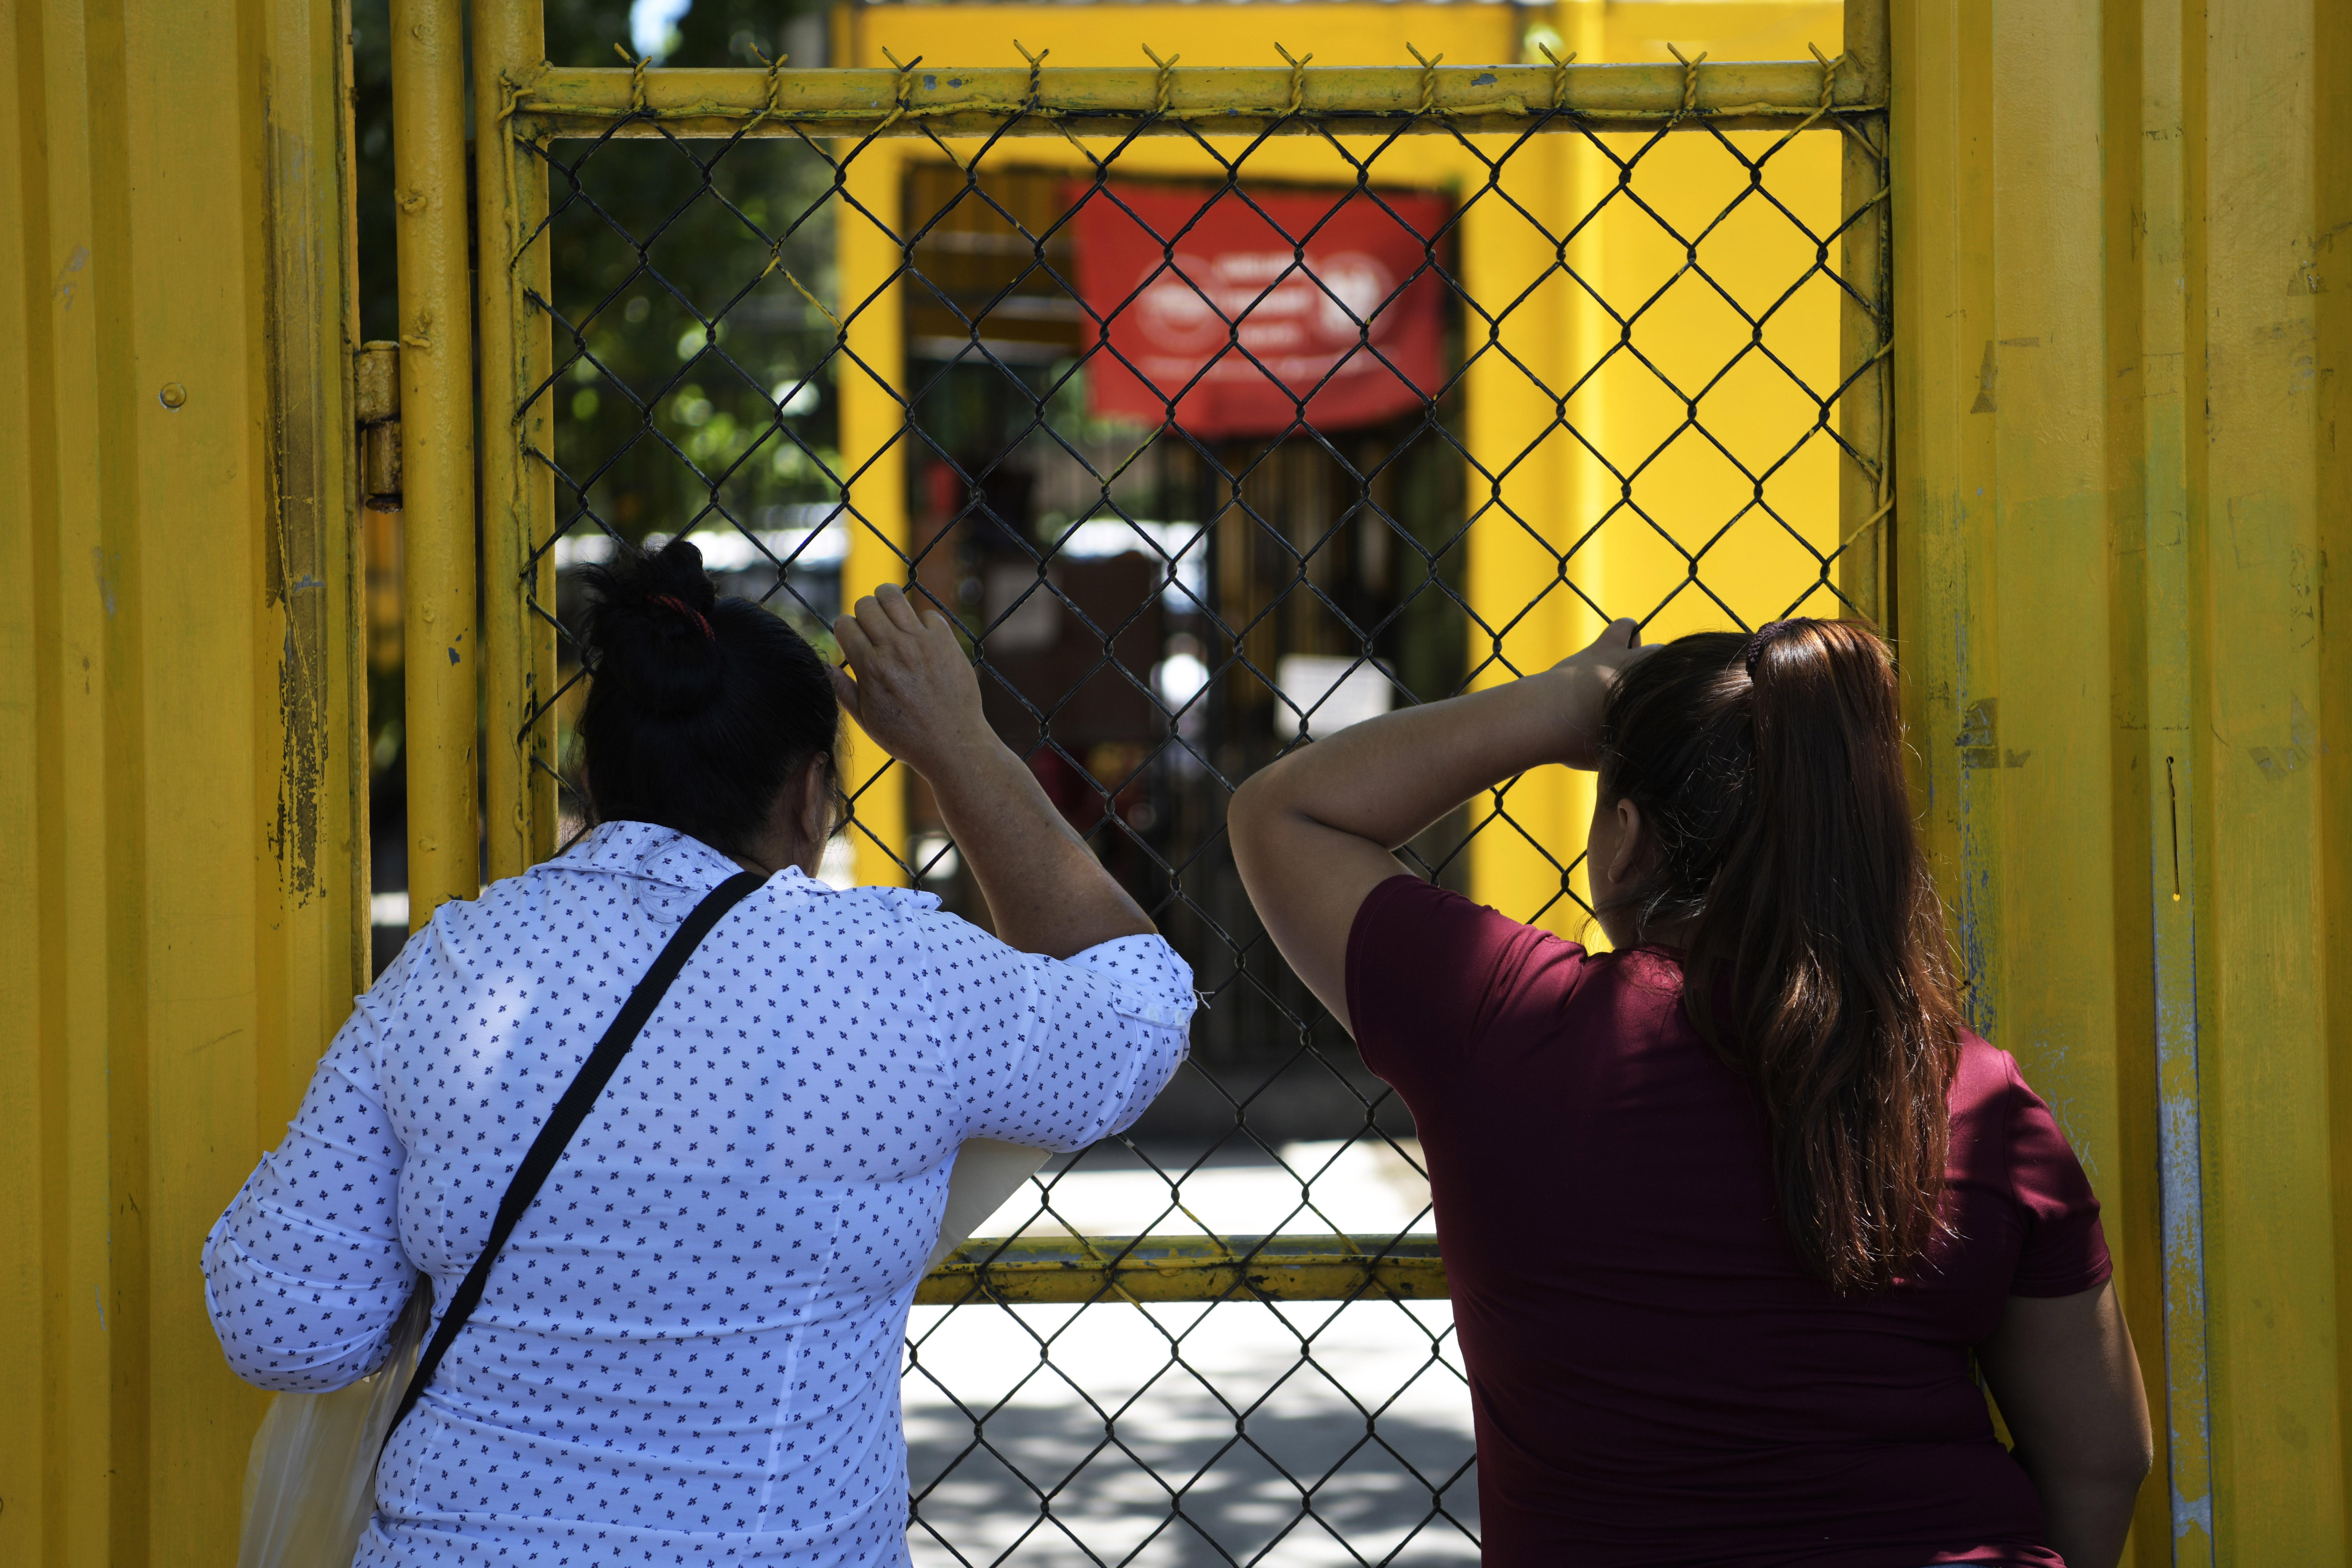 Évtizedekre börtönbe dughatják a fiatal El Salvador-i lányt, akit nyolc éven keresztül zaklatott a nevelőapja